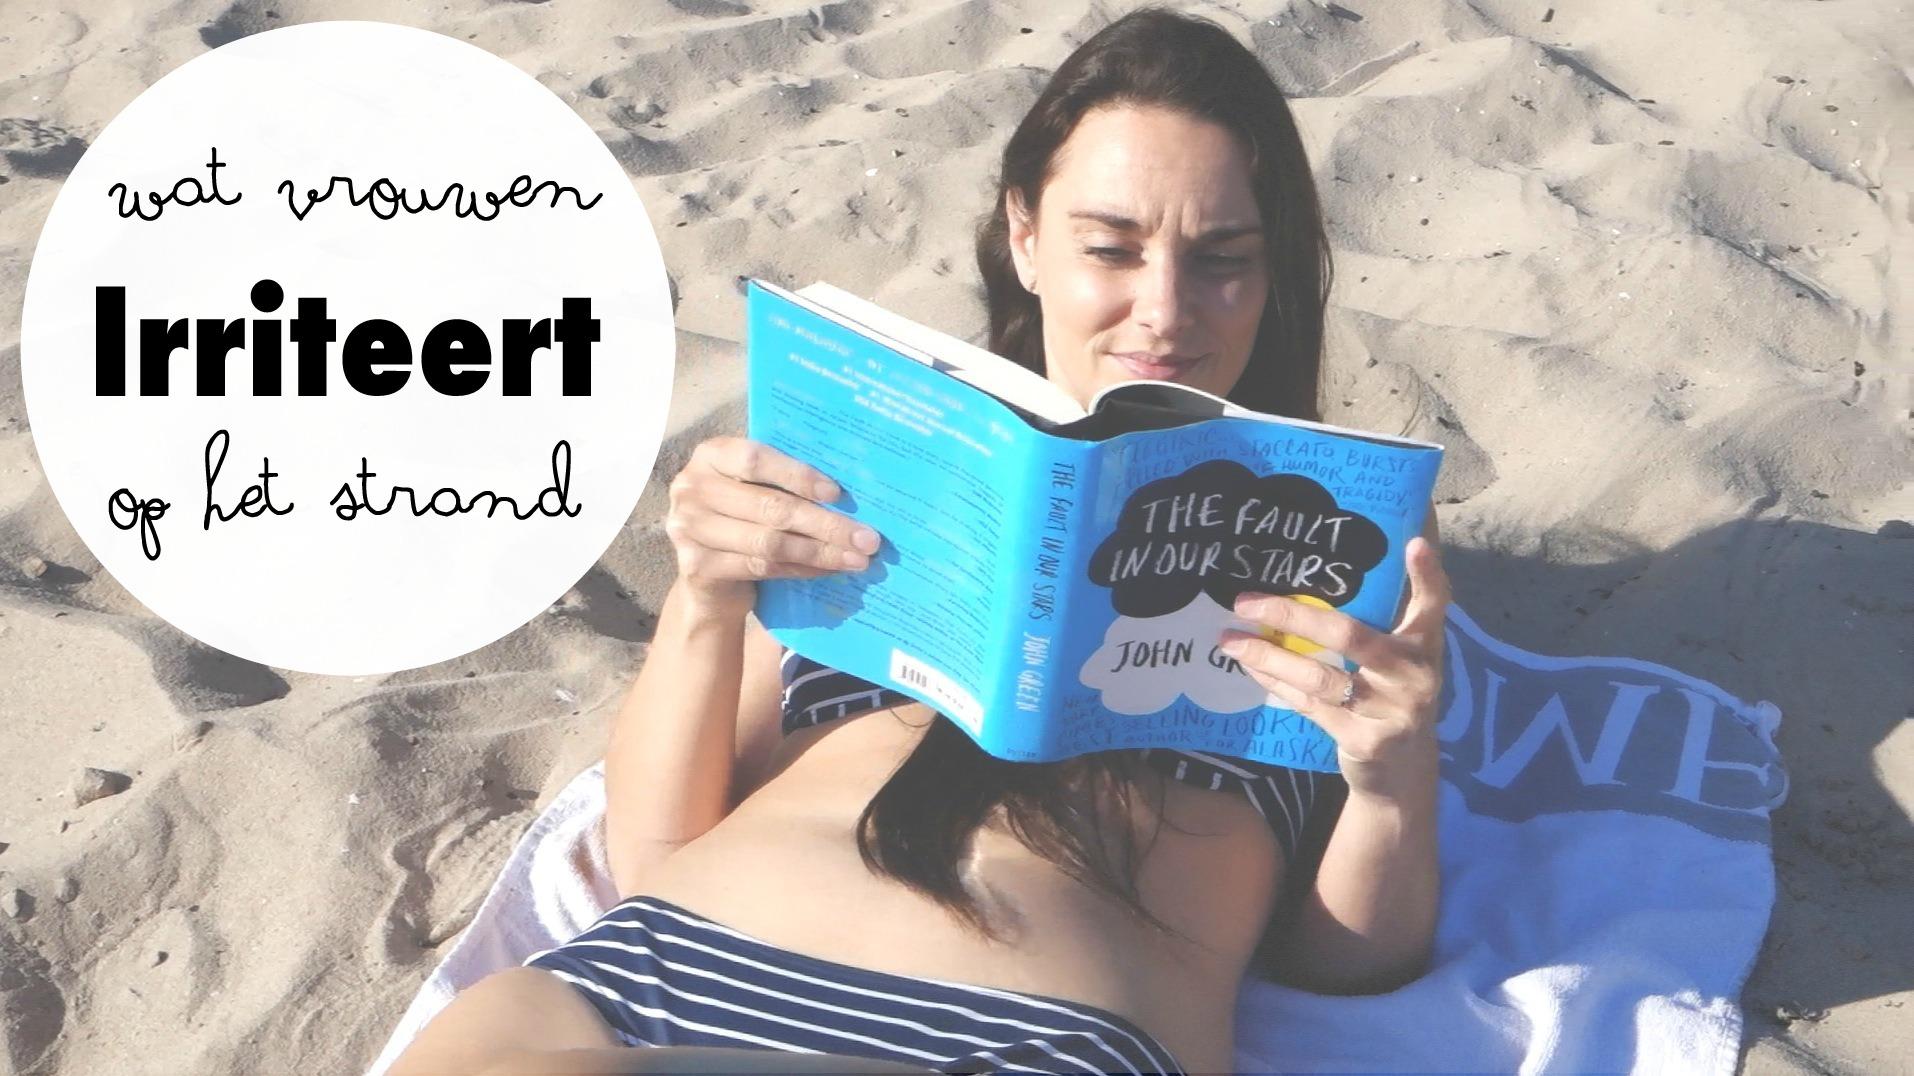 wat vrouwen irriteert op het strand.